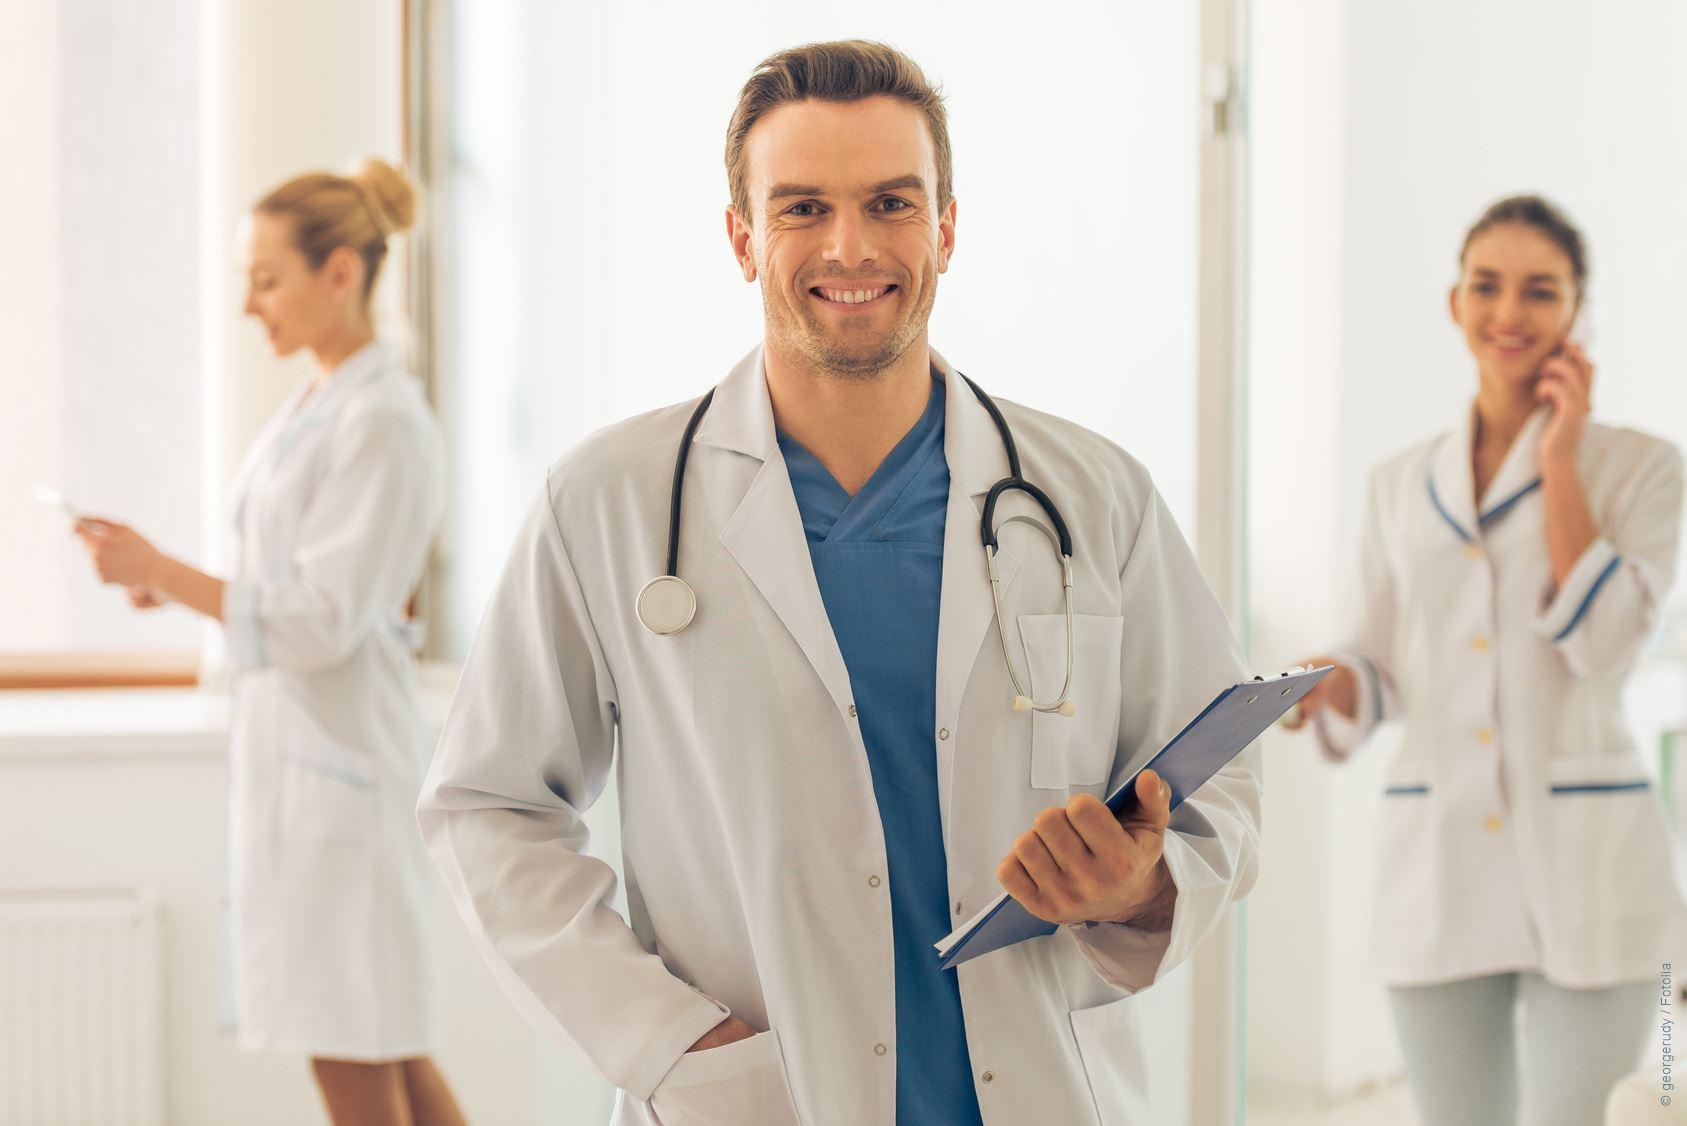 optimierte Medizintexte für Ärzte und Kliniken